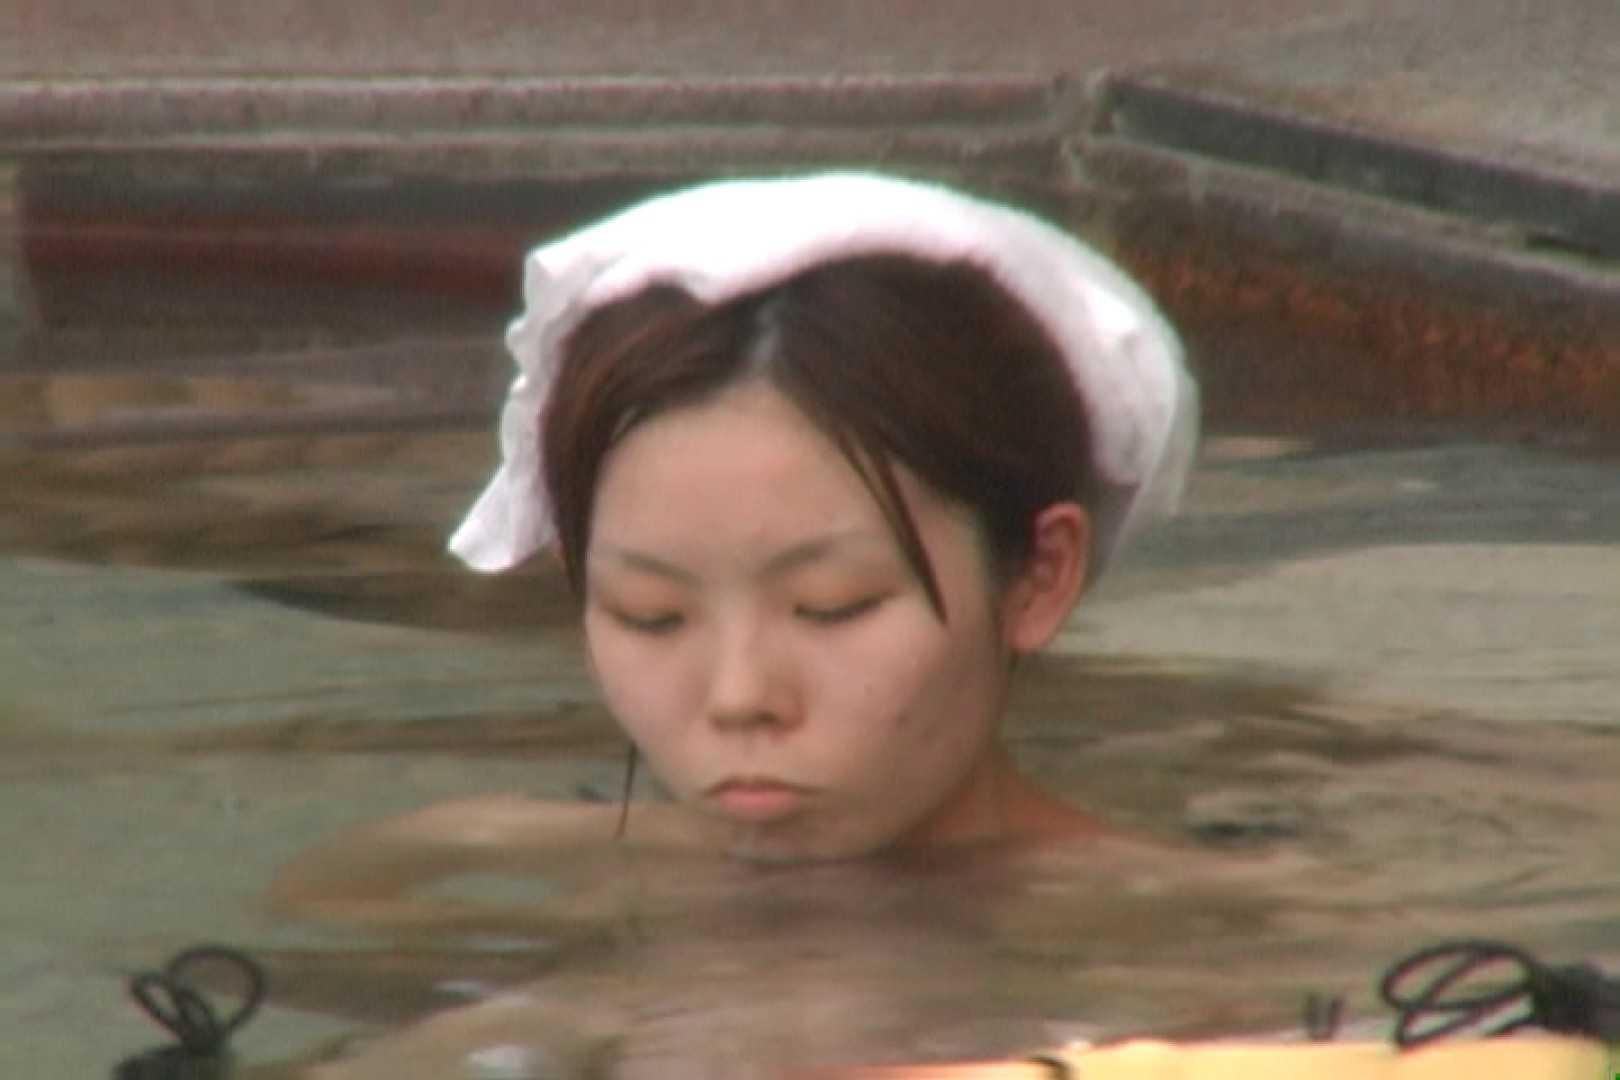 Aquaな露天風呂Vol.580 盗撮師作品 | 美しいOLの裸体  98pic 43